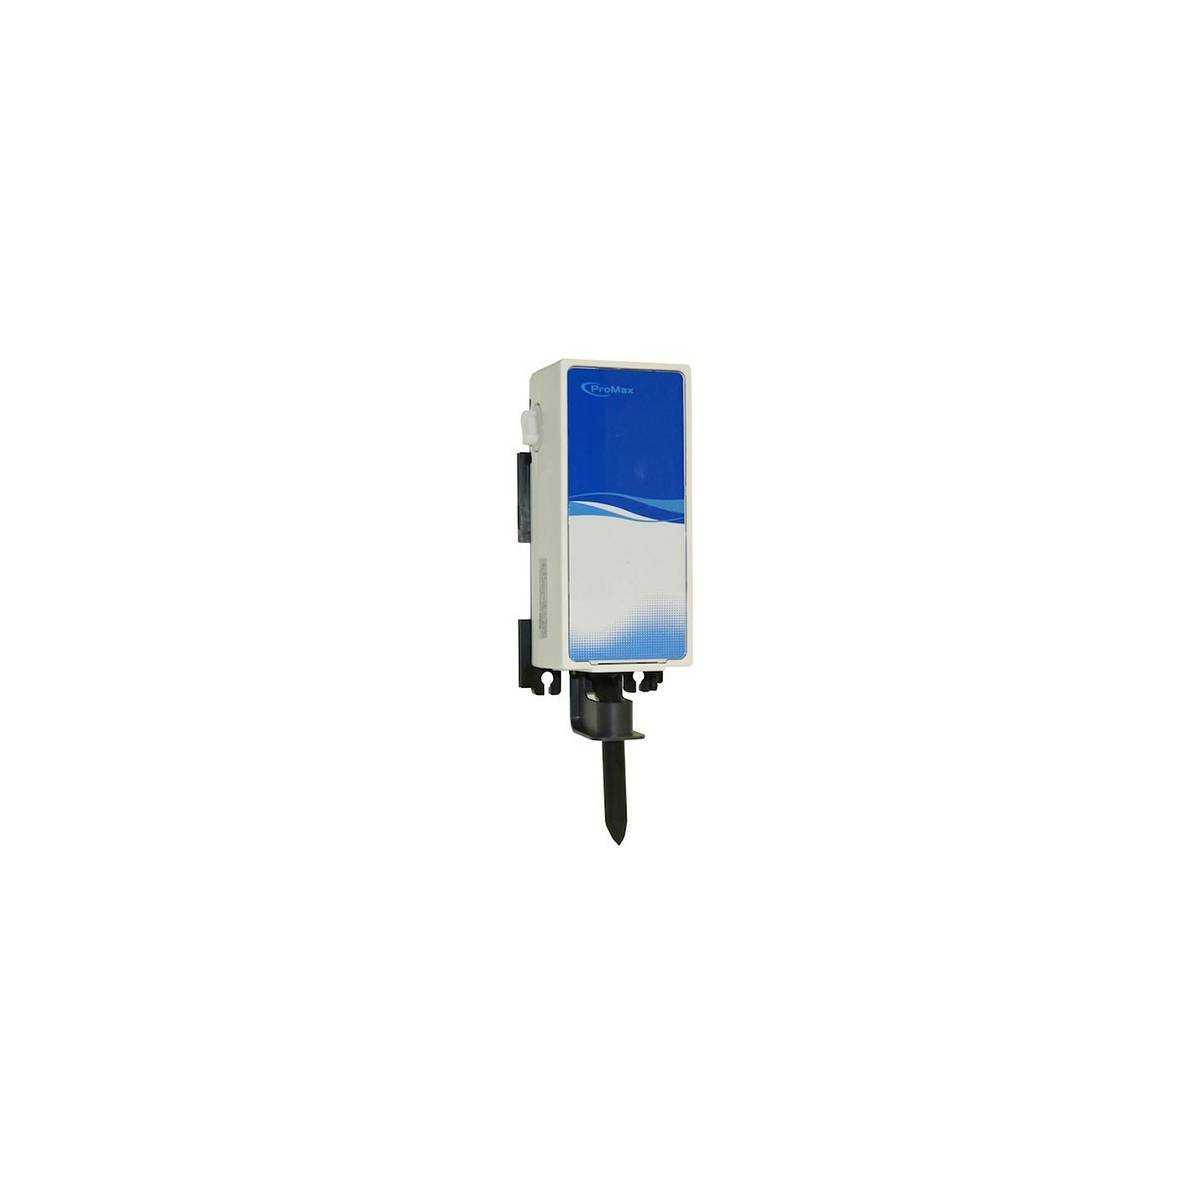 Система дозирования моющих растворов с рычагом PROMAX 1P S PXS1F04S0000 Seko